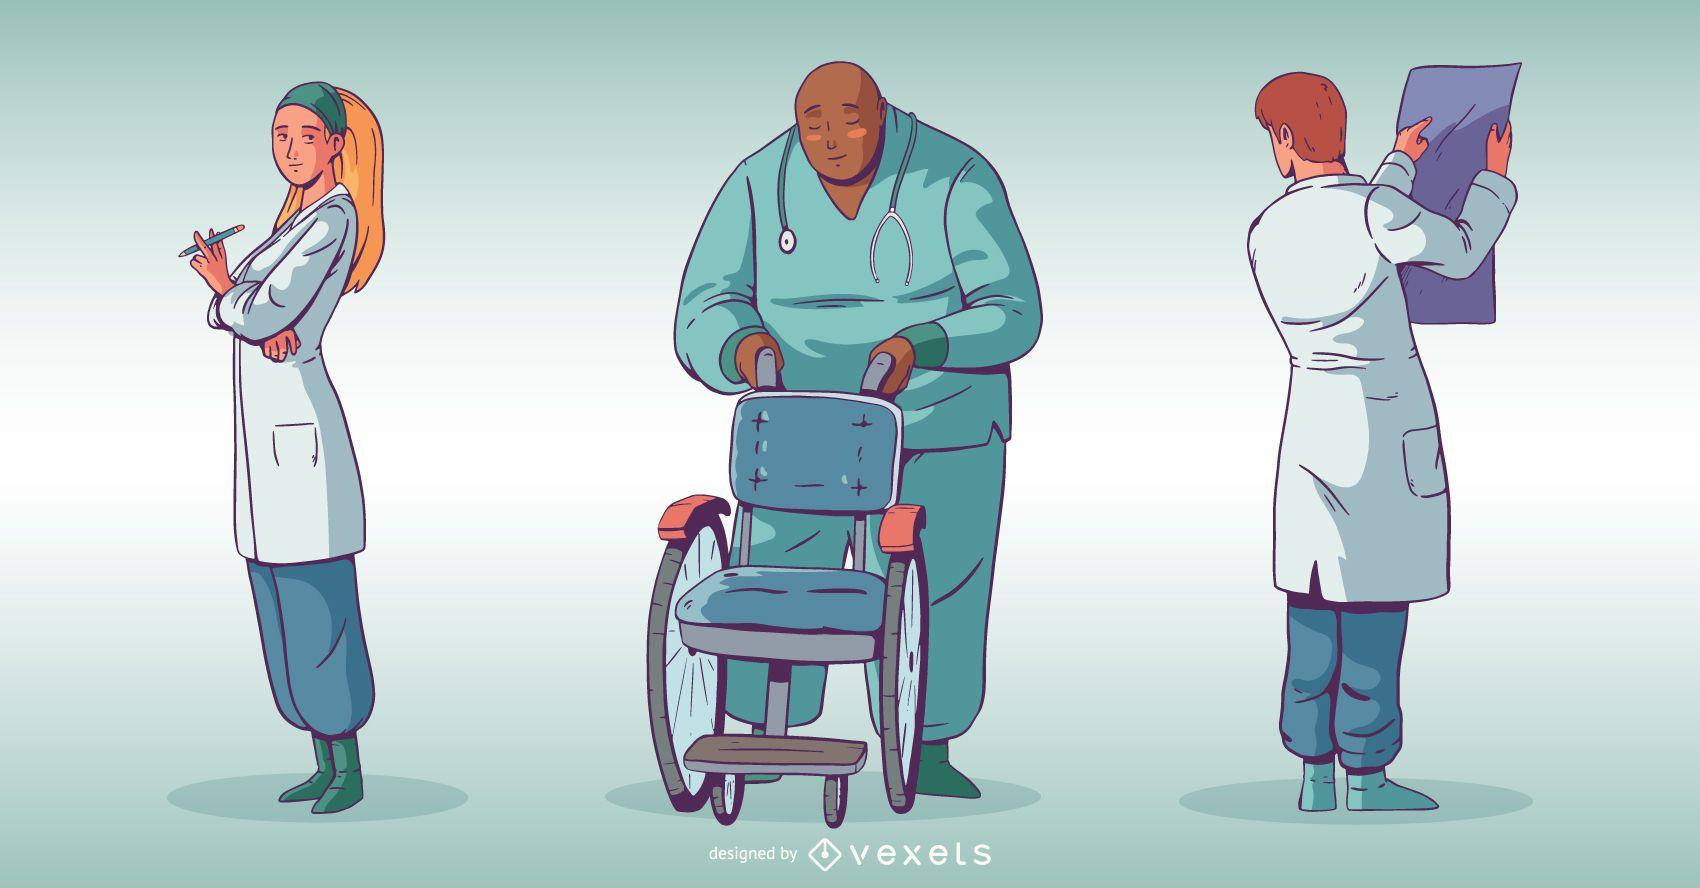 Hospital People Illustration Set